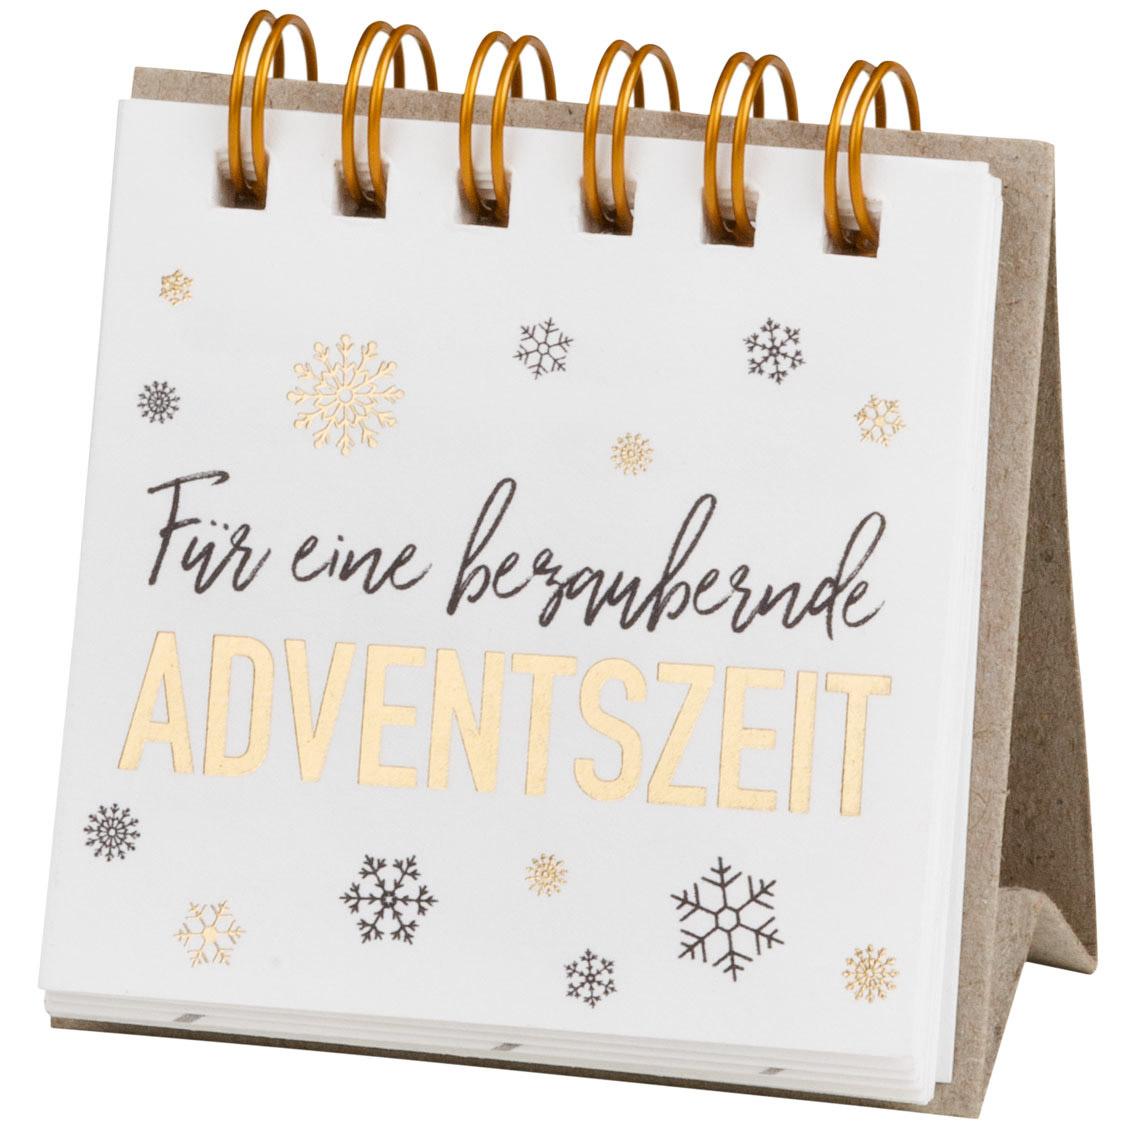 Kleine Adventsbotschaftschaften - Adventskalender - räder (Xmas)